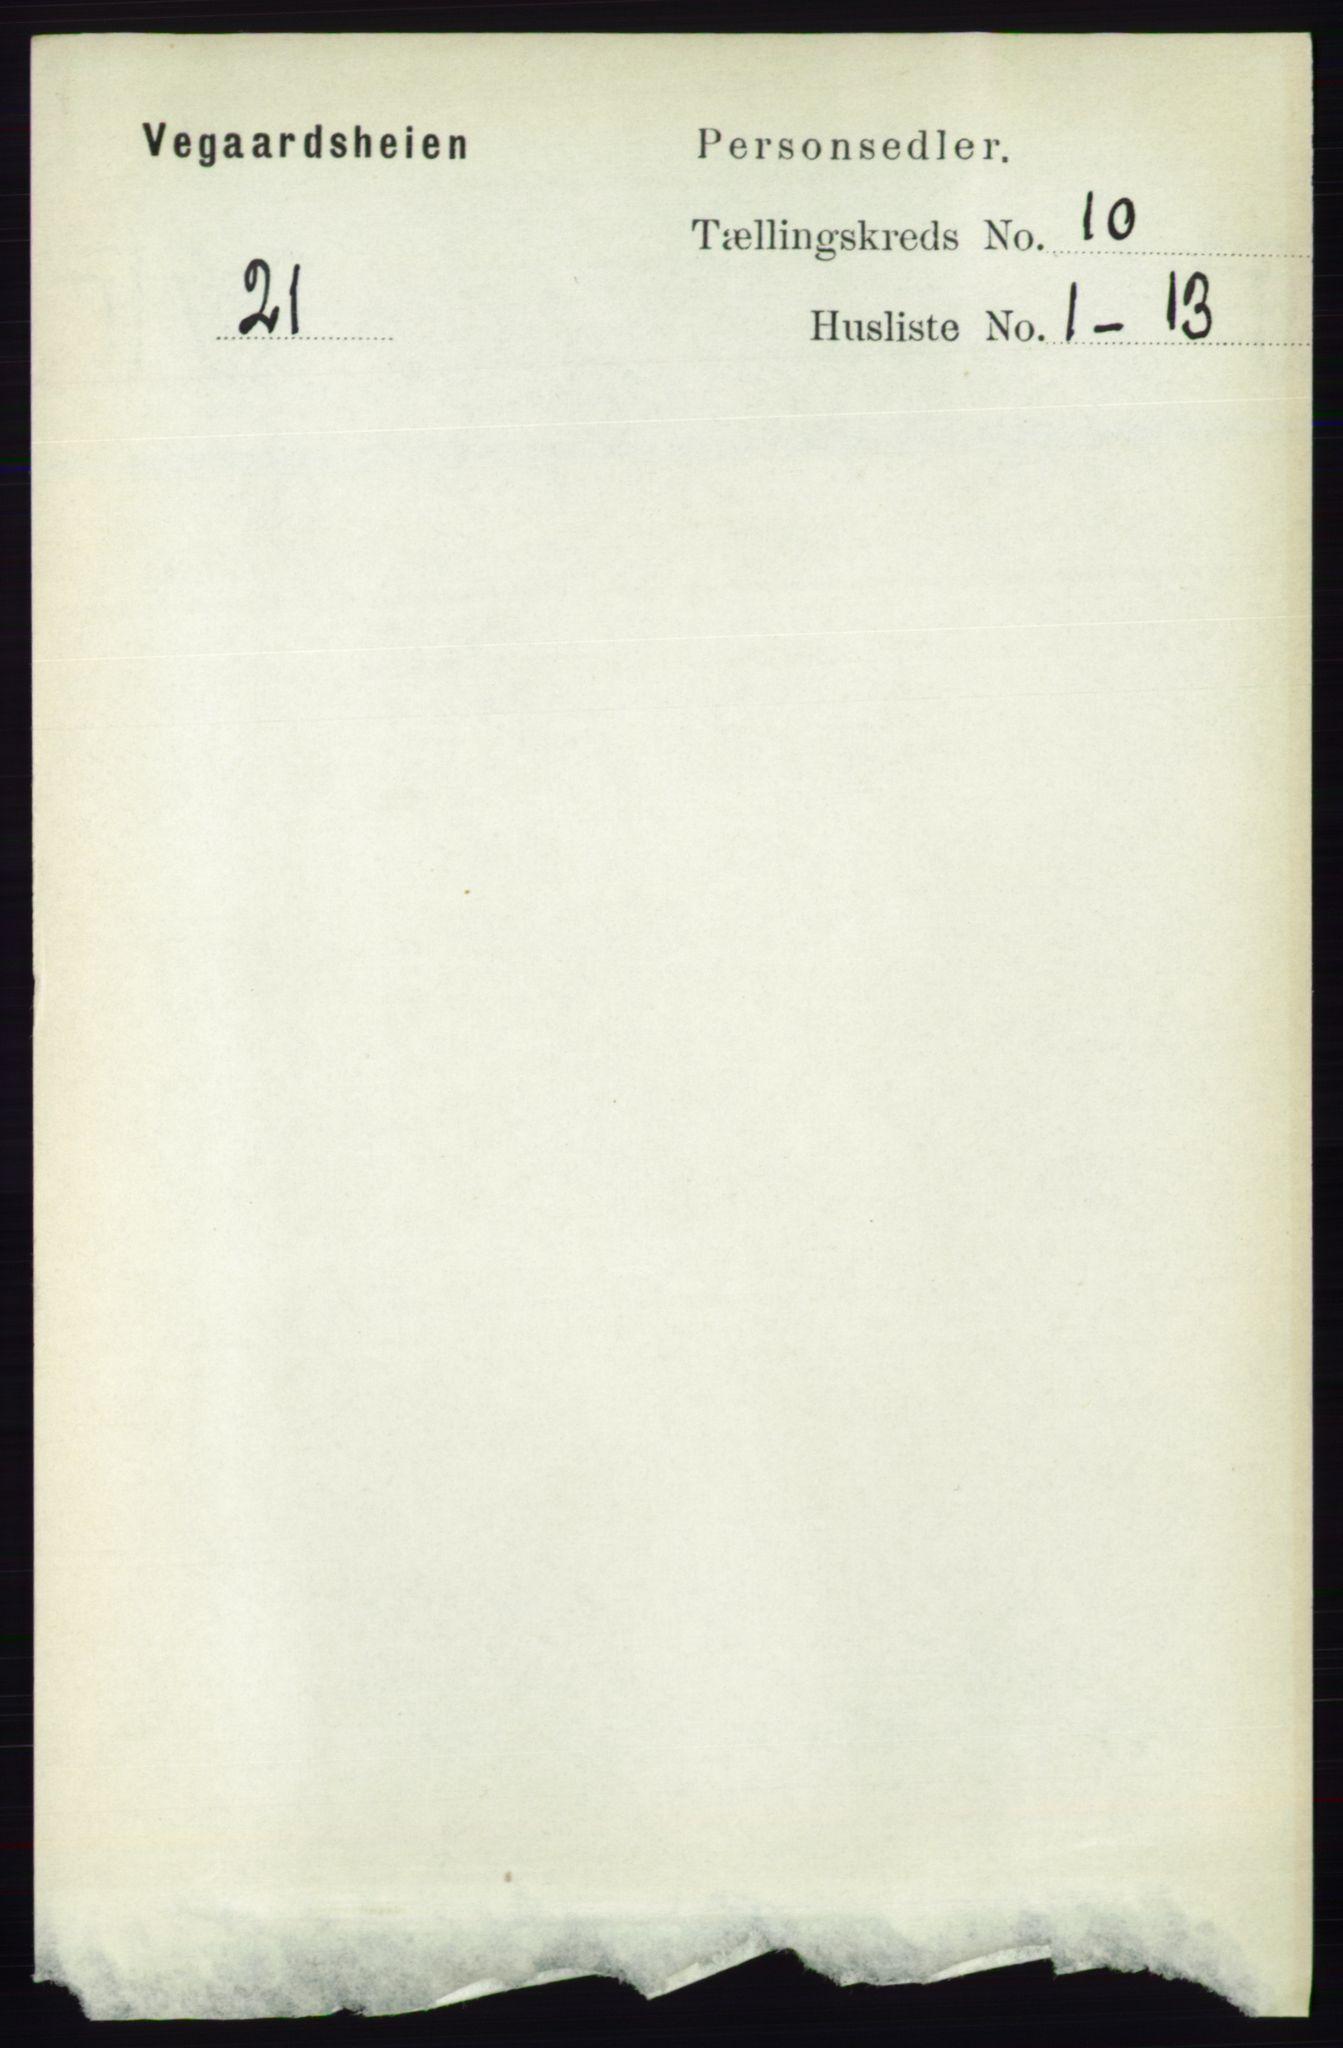 RA, Folketelling 1891 for 0912 Vegårshei herred, 1891, s. 1907